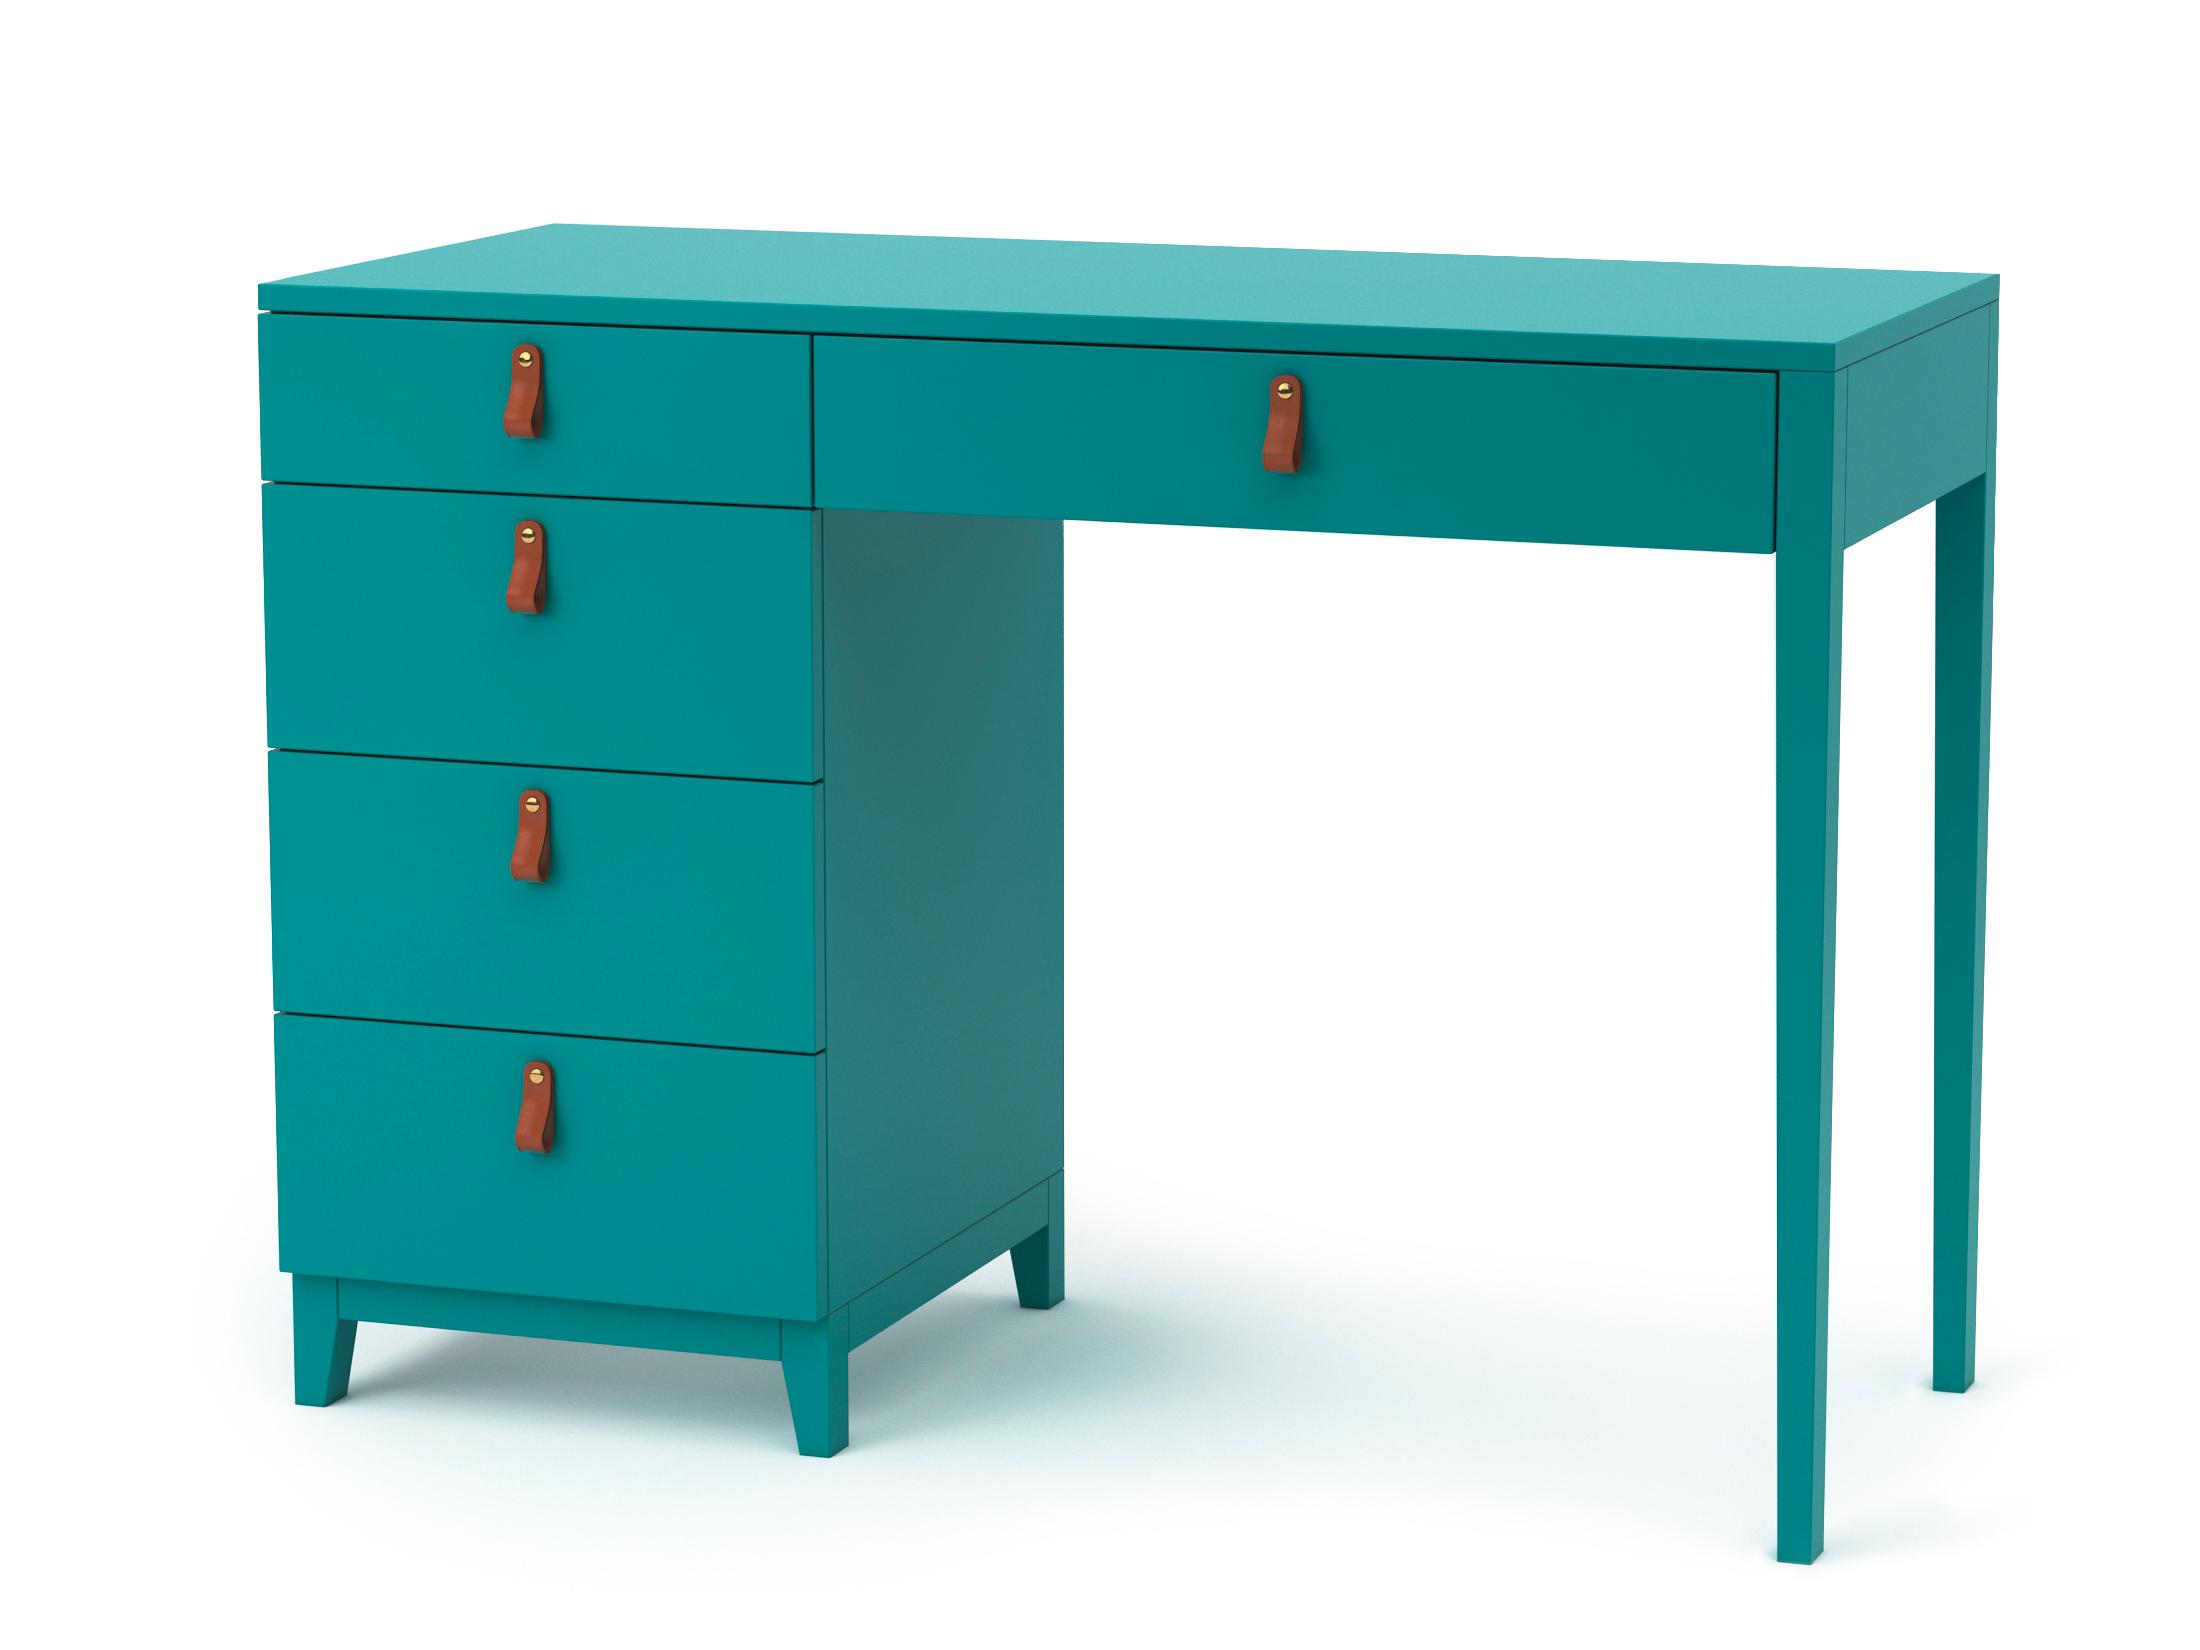 Консольный столикJAGGERПисьменные столы<br>Консольный стол&amp;amp;nbsp;Jagger &amp;amp;nbsp;обладает лаконичным дизайном с изысканными кожаными ручками и универсальными характеристиками. Стол Jagger будет органично смотреться как в компактных, так и в больших пространствах. В небольших помещениях может использоваться в качестве письменного стола. Доступен в лево- и правостороннем варианте исполнения.&amp;lt;div&amp;gt;&amp;lt;br&amp;gt;&amp;lt;/div&amp;gt;&amp;lt;div&amp;gt;Материал: Массив дуба, МДФ, эмаль, лак&amp;lt;br&amp;gt;&amp;lt;/div&amp;gt;<br><br>Material: Дерево<br>Width см: 100<br>Depth см: 50<br>Height см: 75